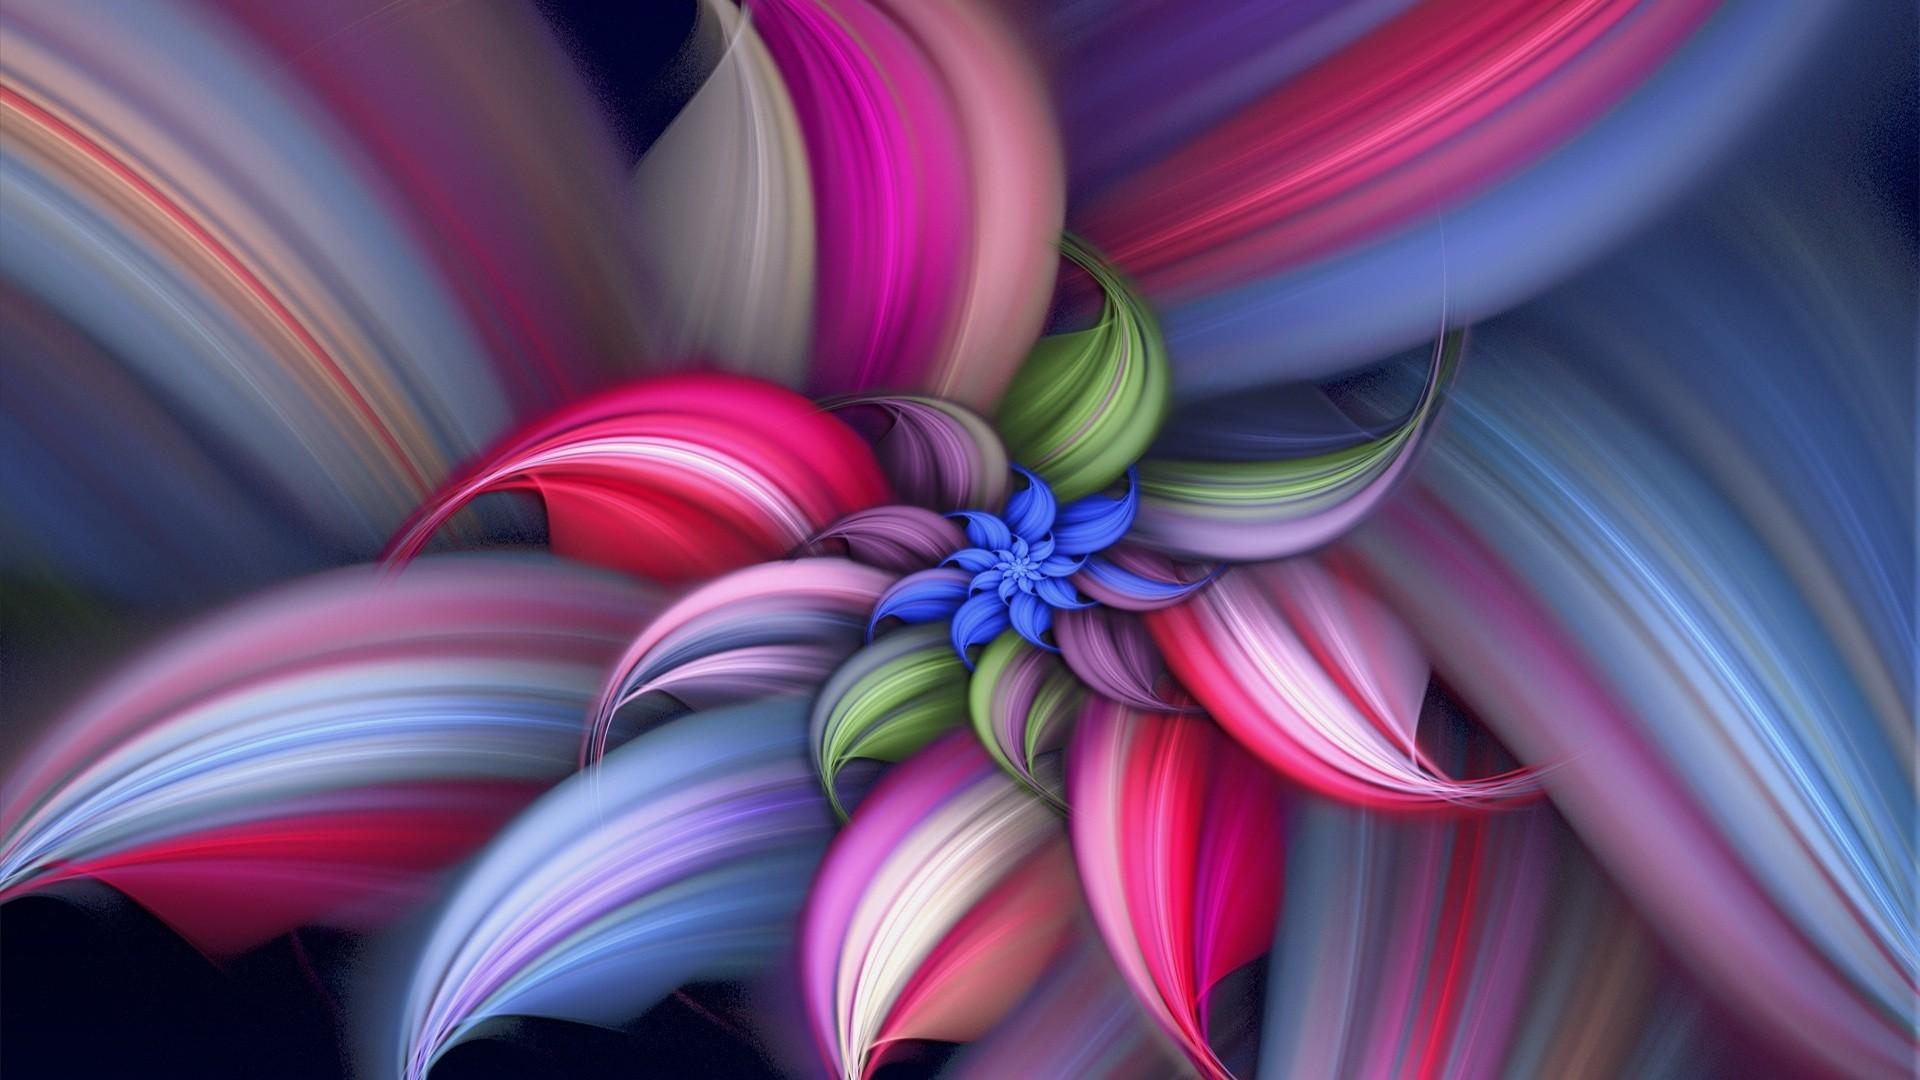 Flower Vector Design HD Wallpaper | Stuff to Buy